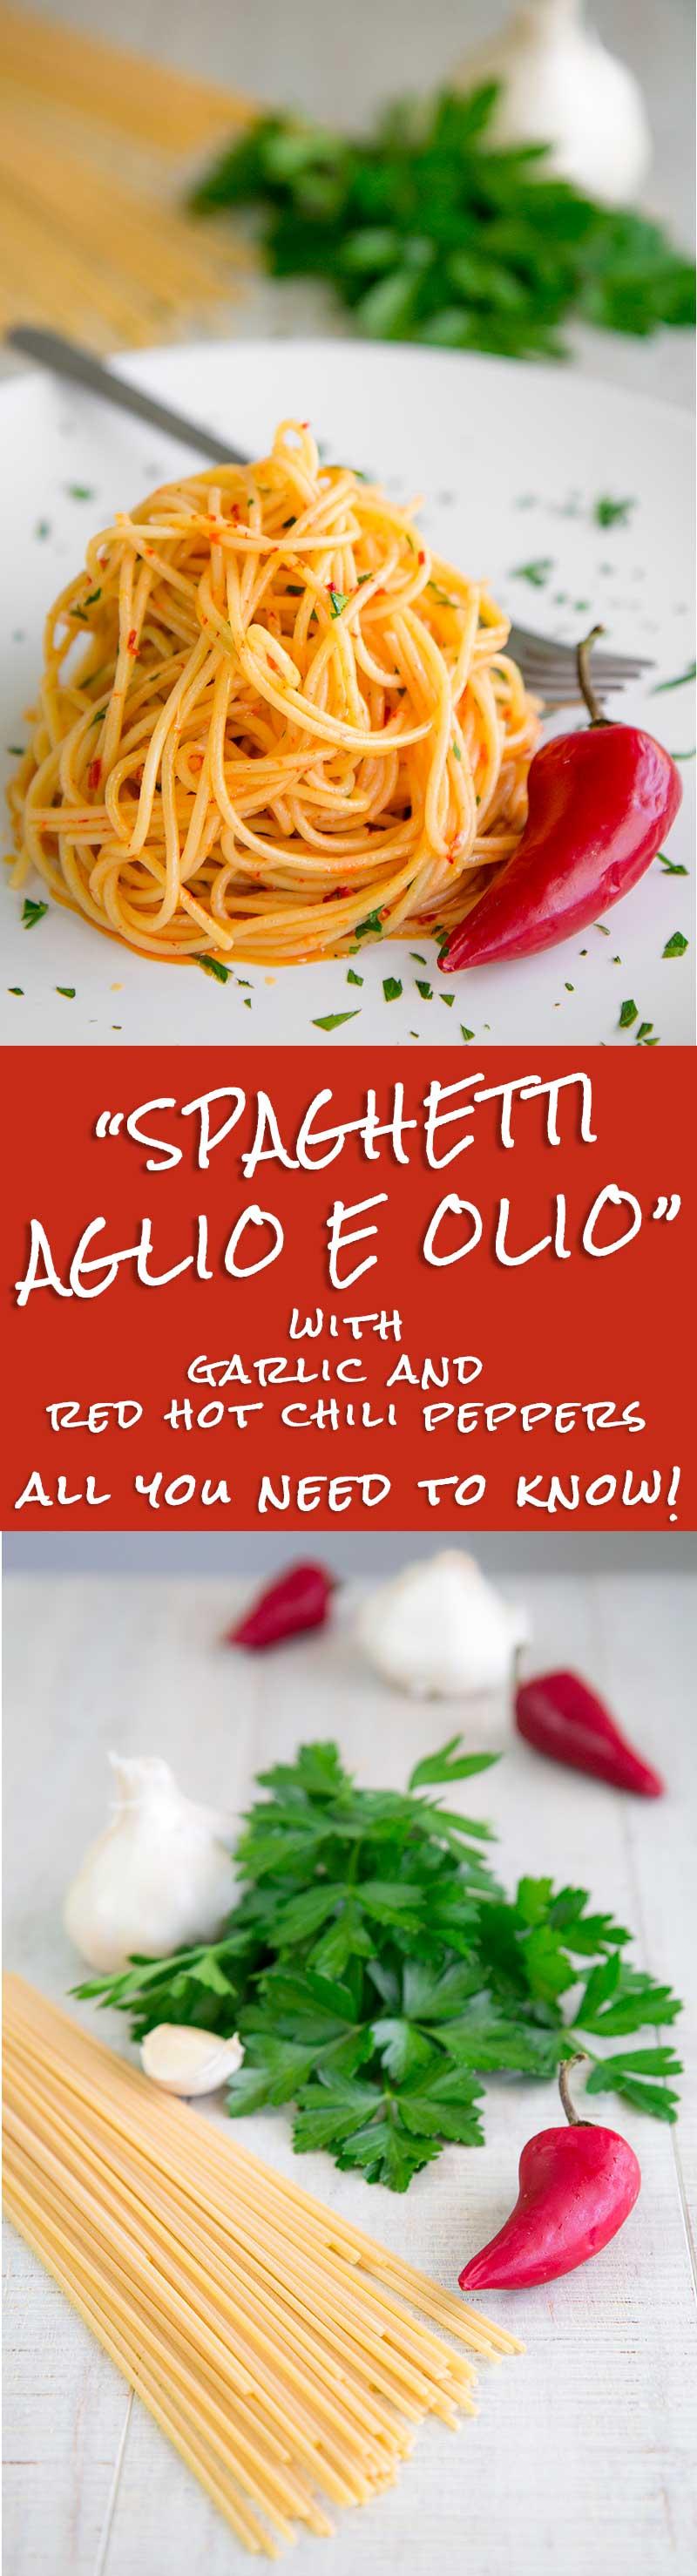 AGLIO E OLIO RECIPE - Neapolitan spicy spaghetti recipe & history